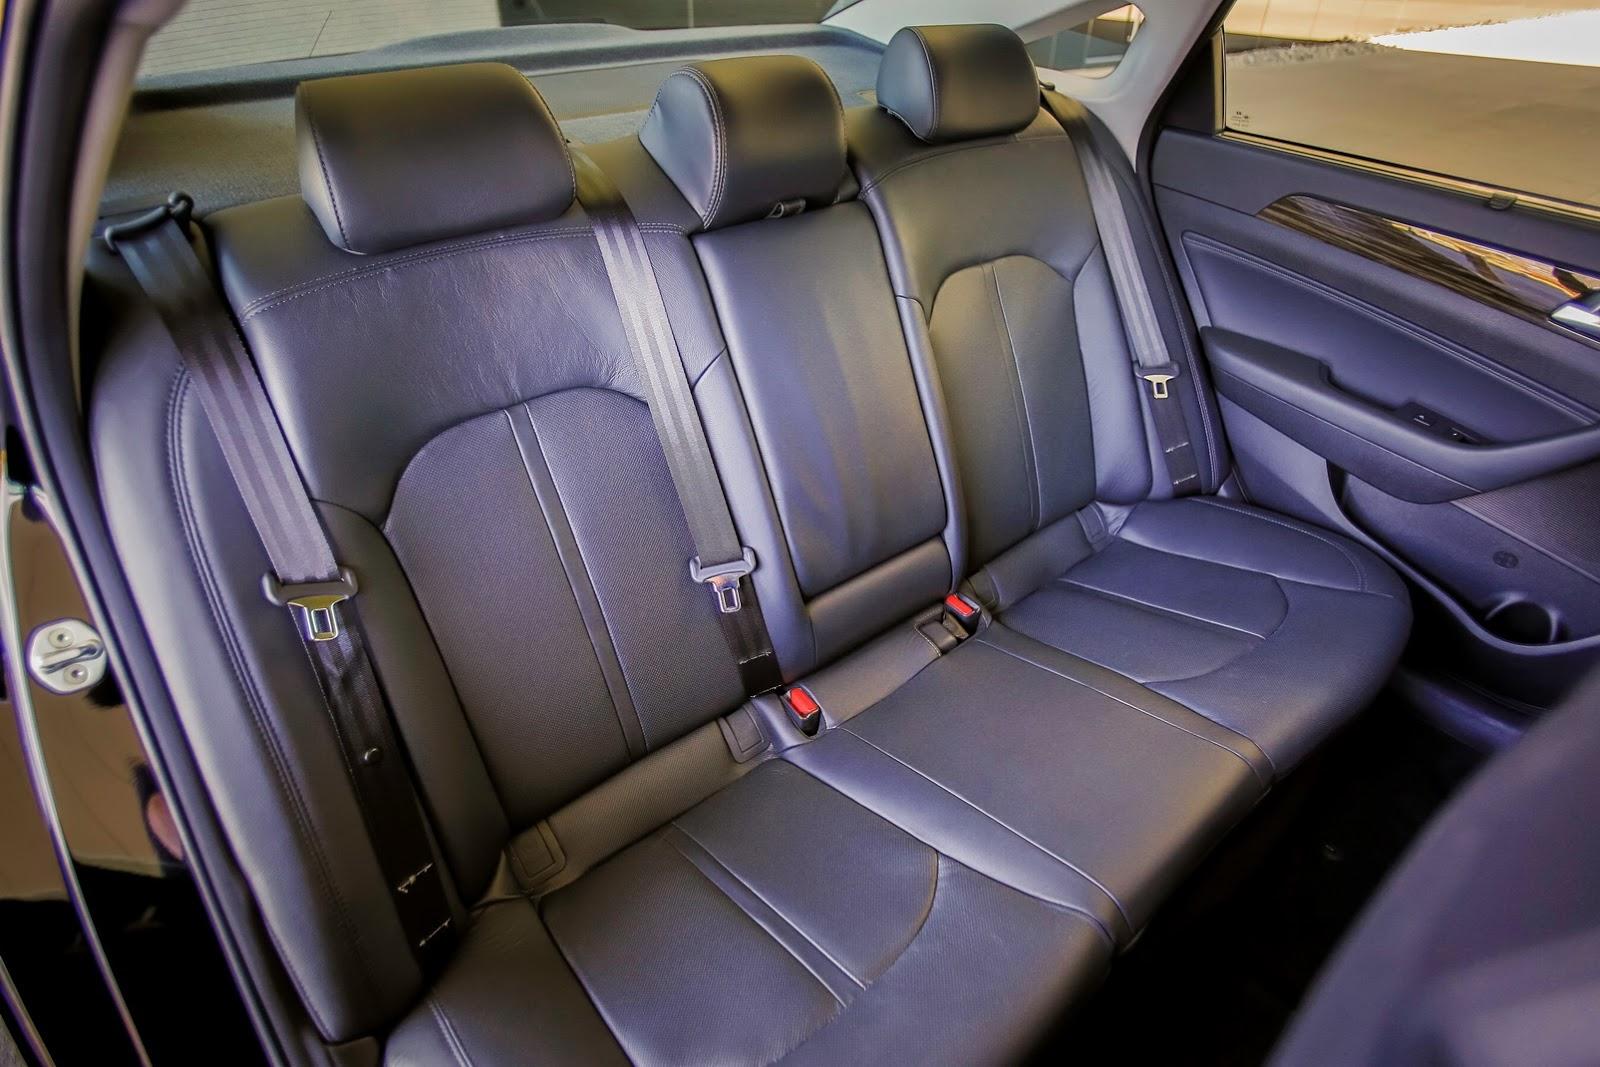 C Đánh giá Hyundai Sonata 2017, hình ảnh, vận hành & giá bán thị trường 9